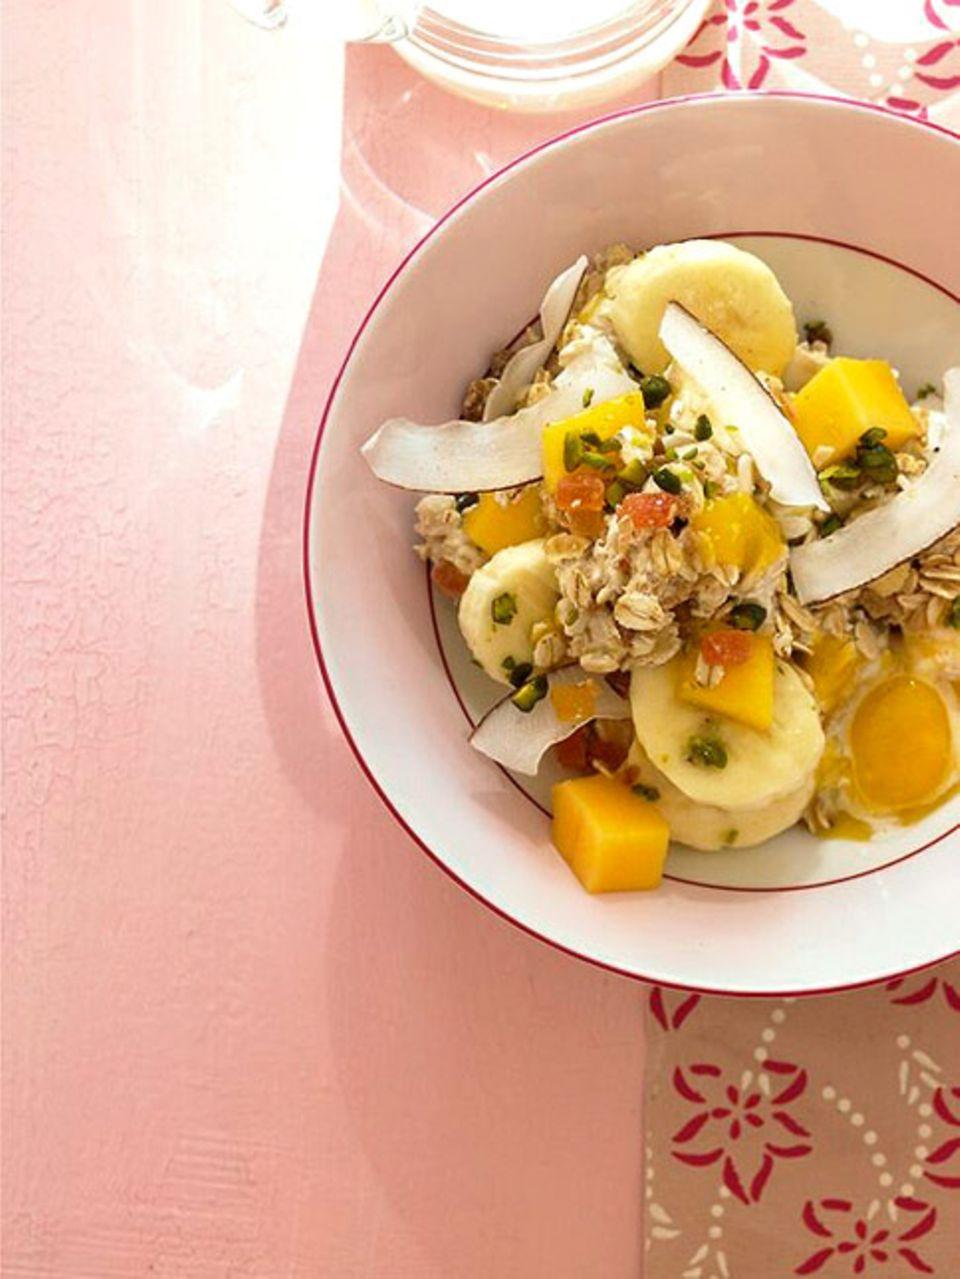 Starten Sie mit einem gesunden Frühstück kraftvoll in den Arbeitstag